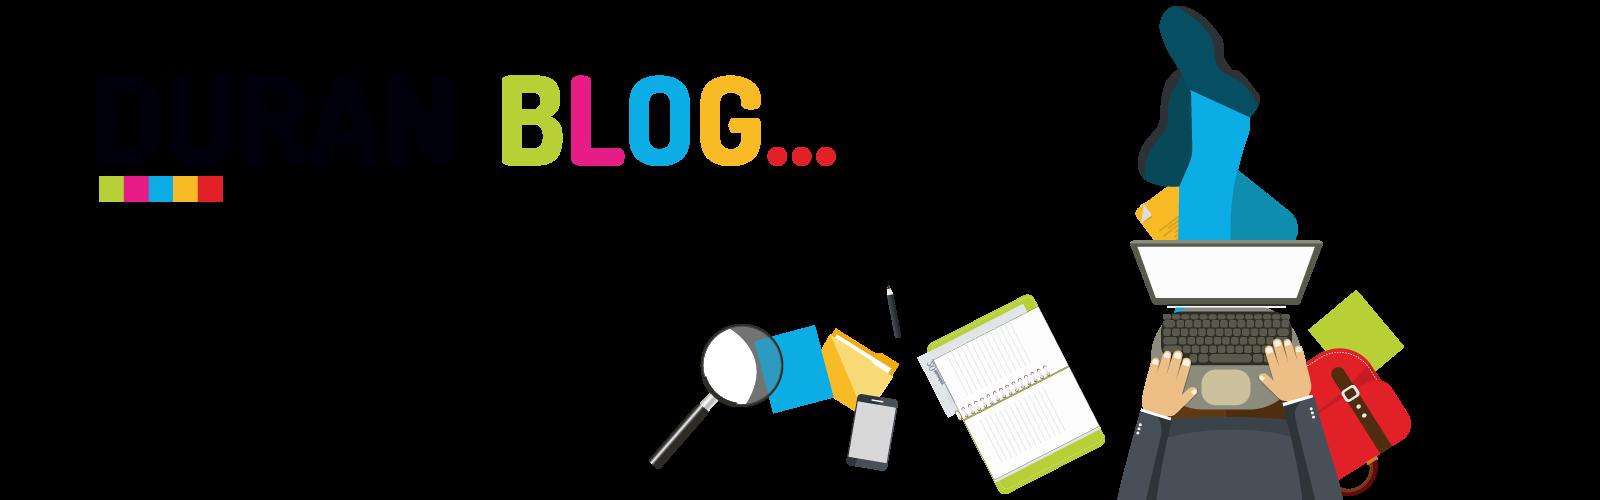 בלוג דוראן - חדשות קידום אתרים, טכנולוגיות פרסום ושיווק באינטרנט